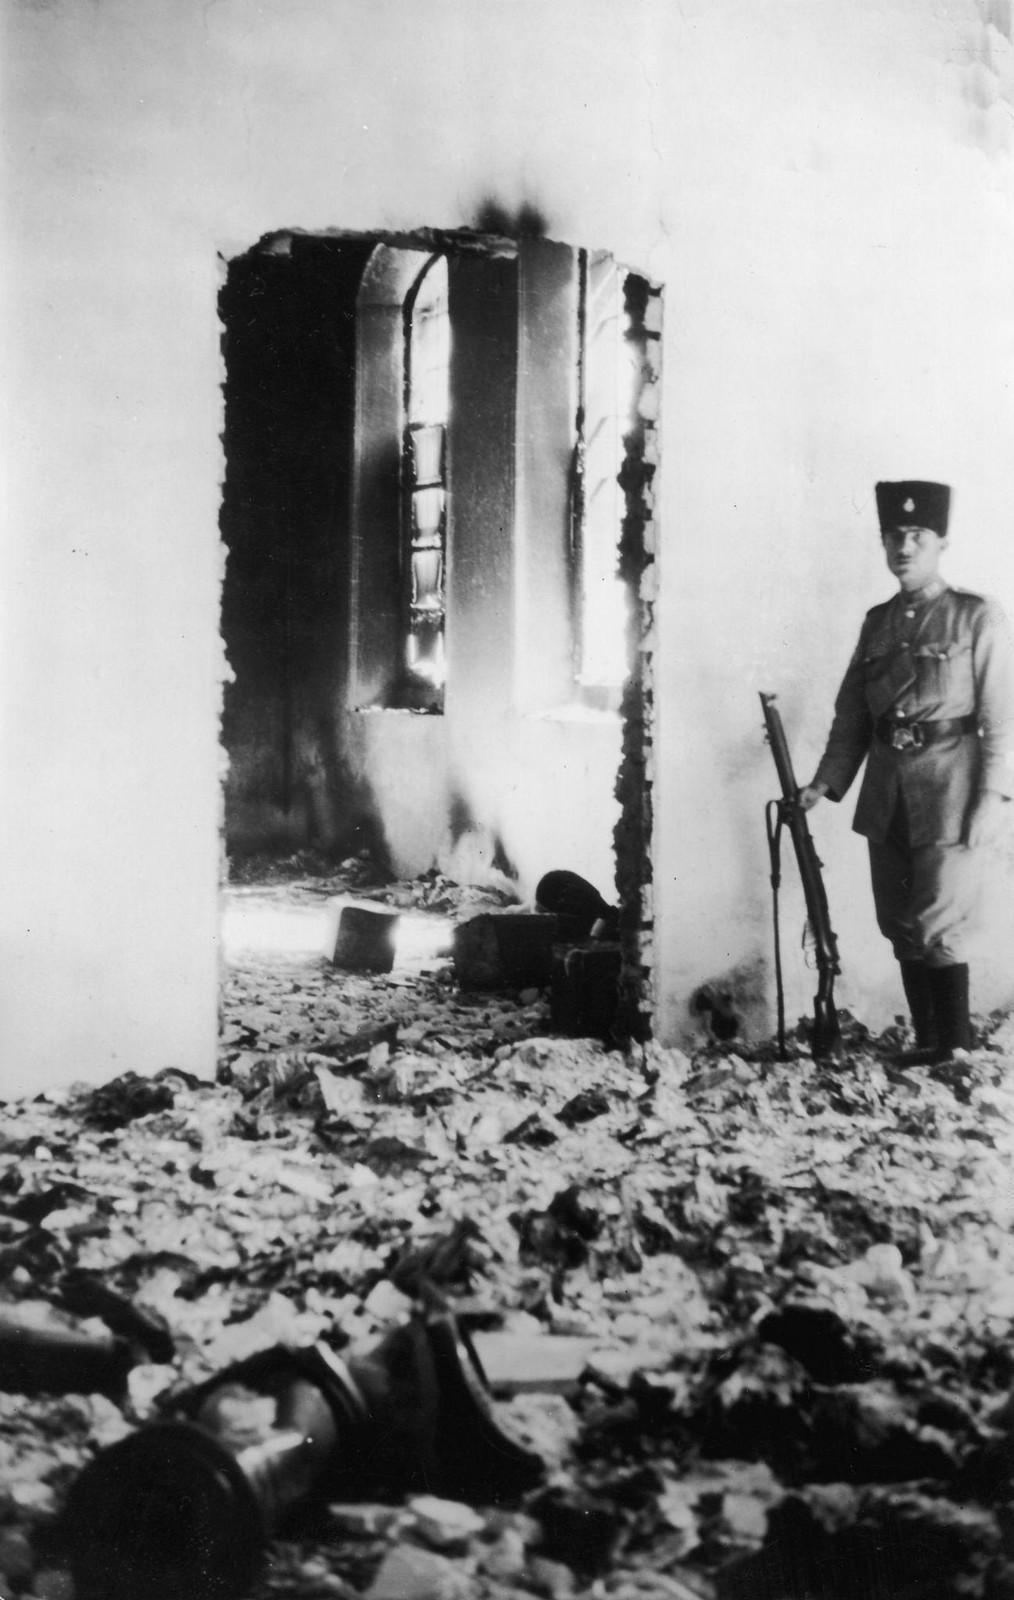 08. 23–31 августа. Хеврон. Солдат, стоящий на страже у руин еврейского госпиталя, после того, как его разграбили арабы